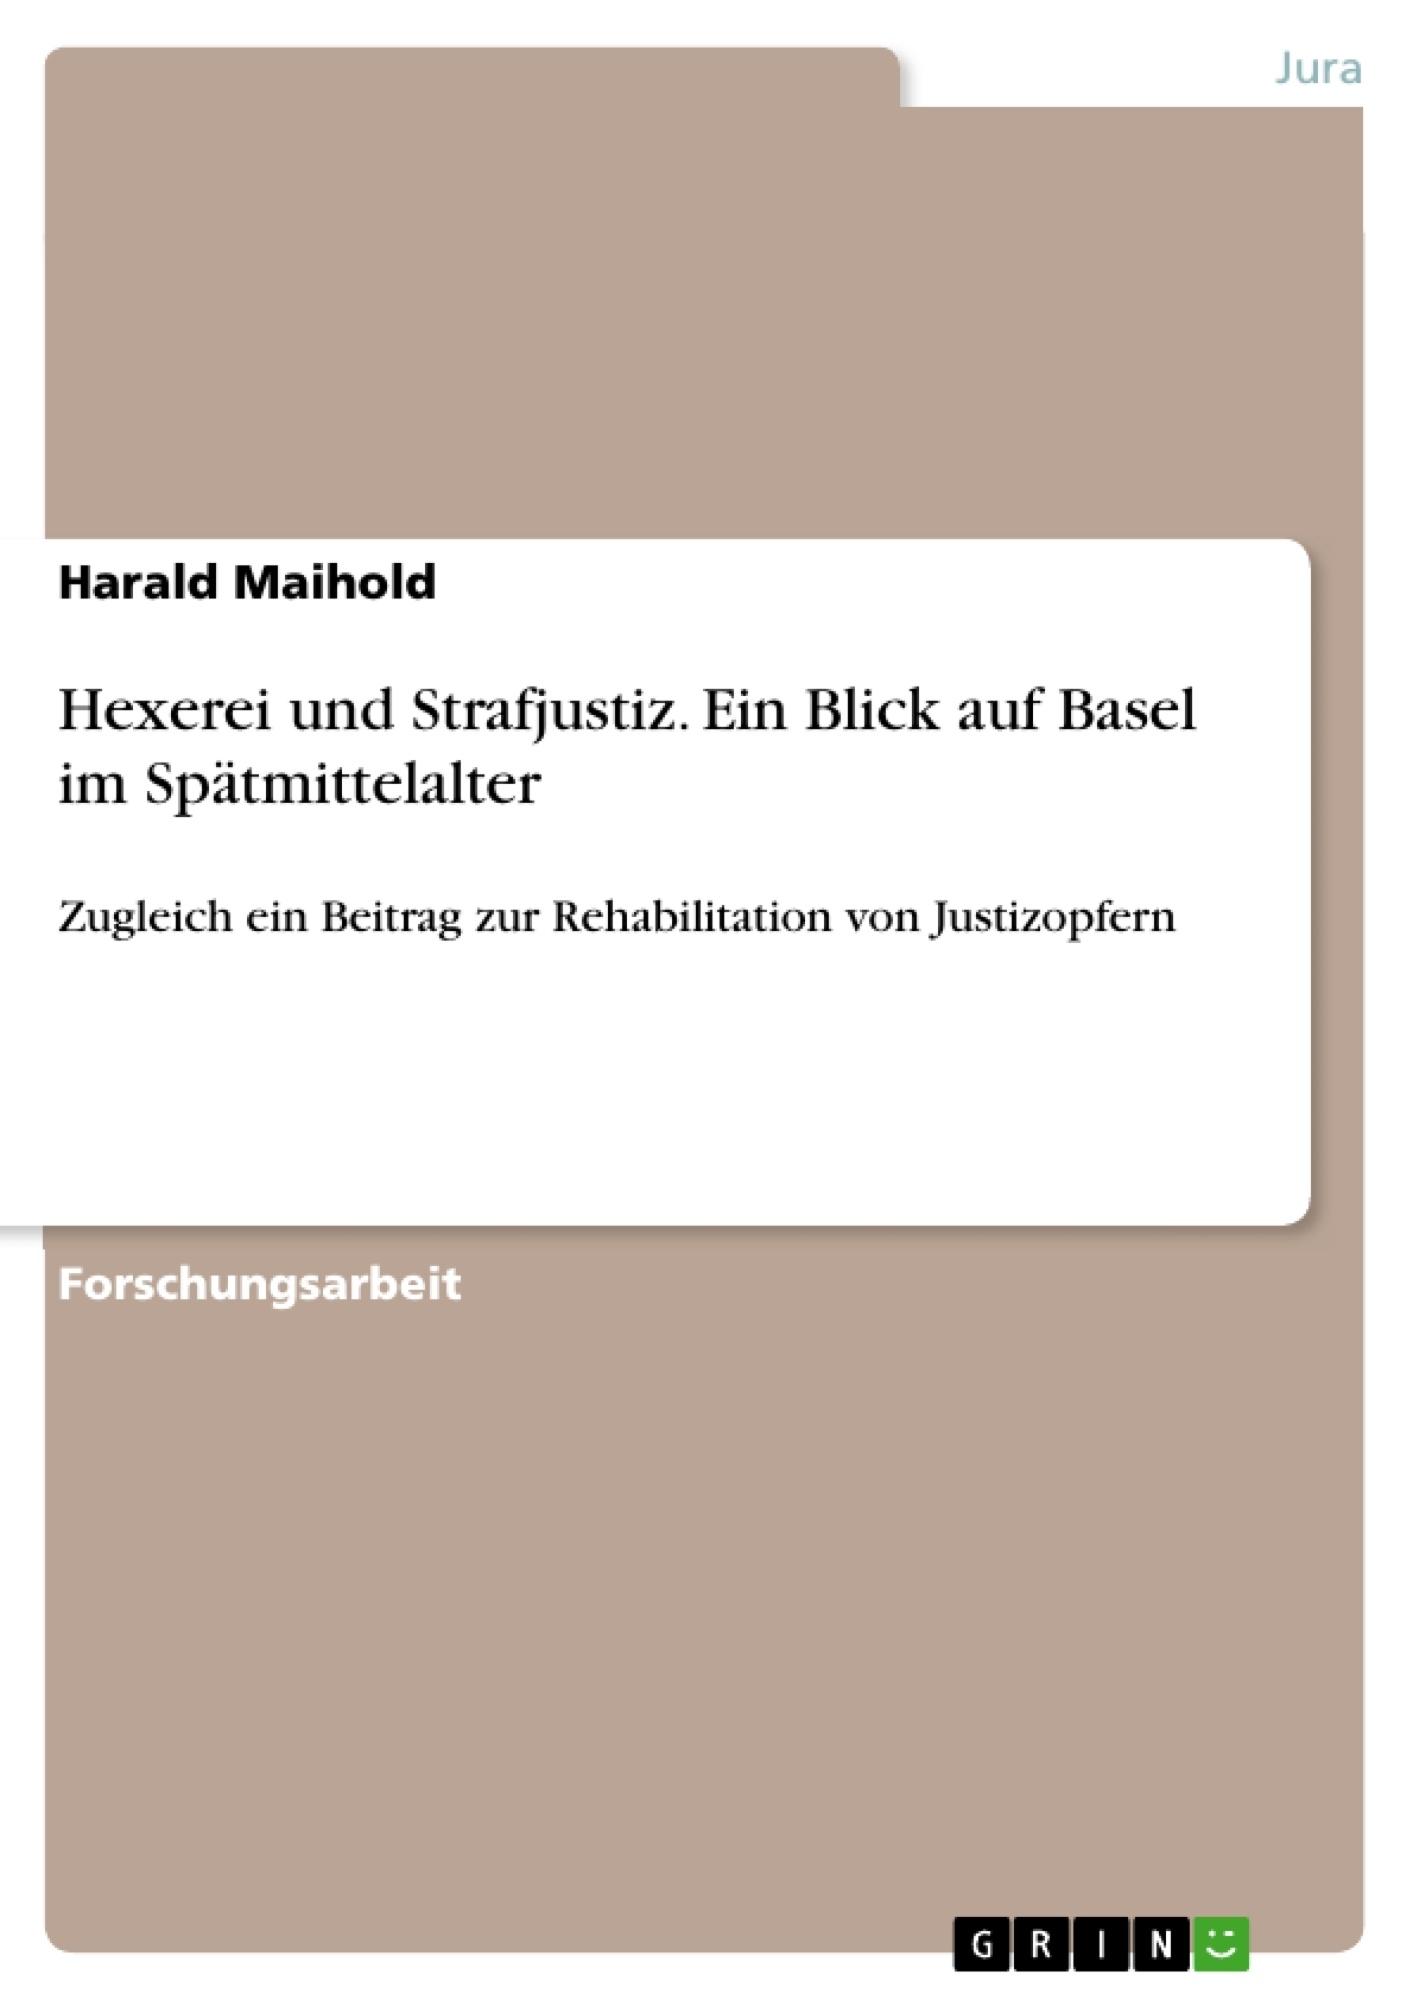 Titel: Hexerei und Strafjustiz. Ein Blick auf Basel im Spätmittelalter